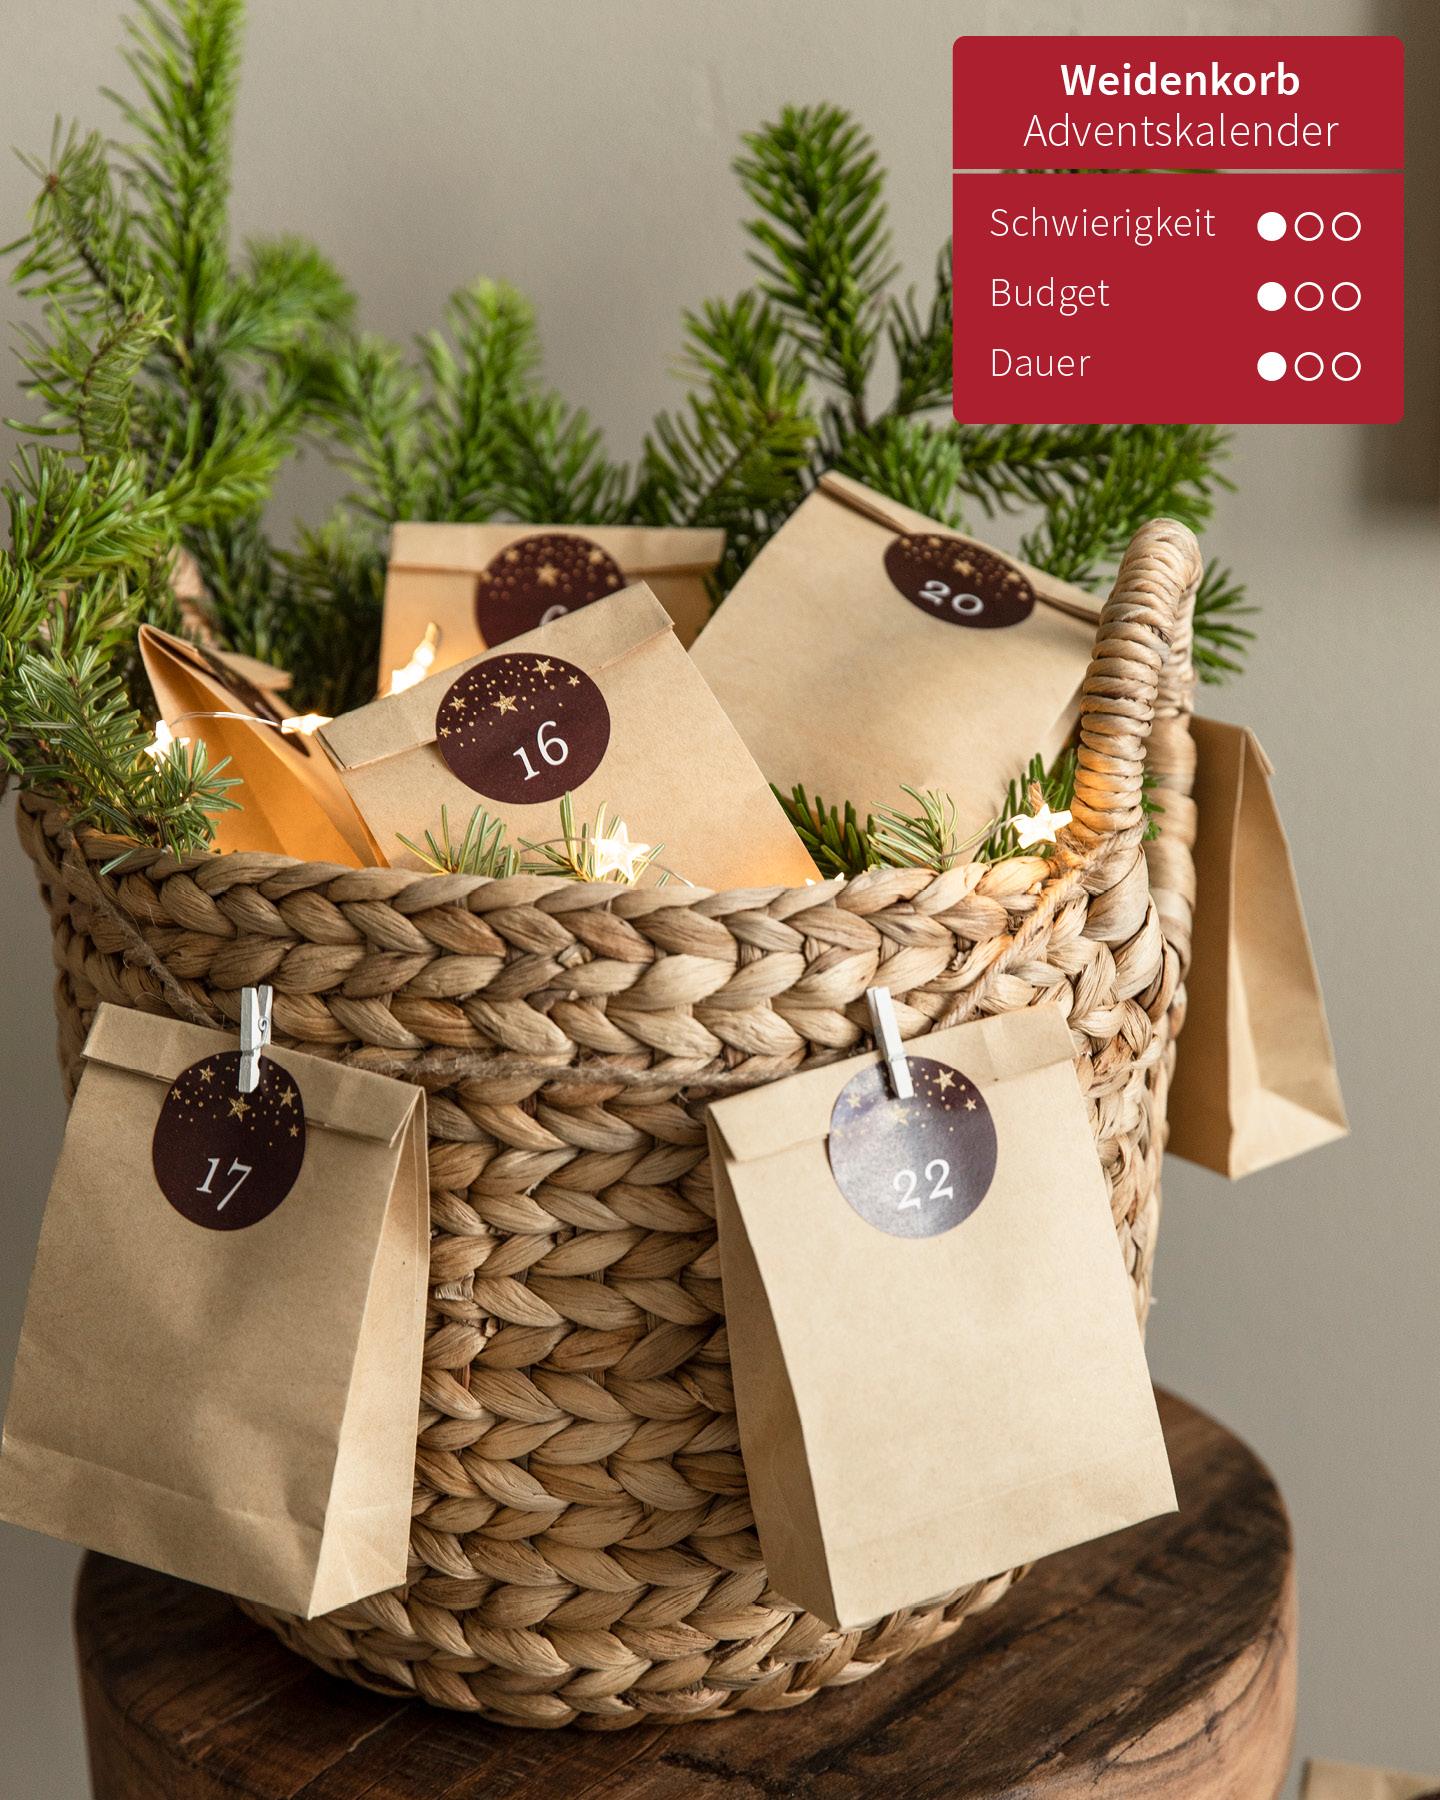 Weidenkorb gefüllt mit kleinen Tüten und Tannenzweigen ist ein selbst gemachter Adventskalender.